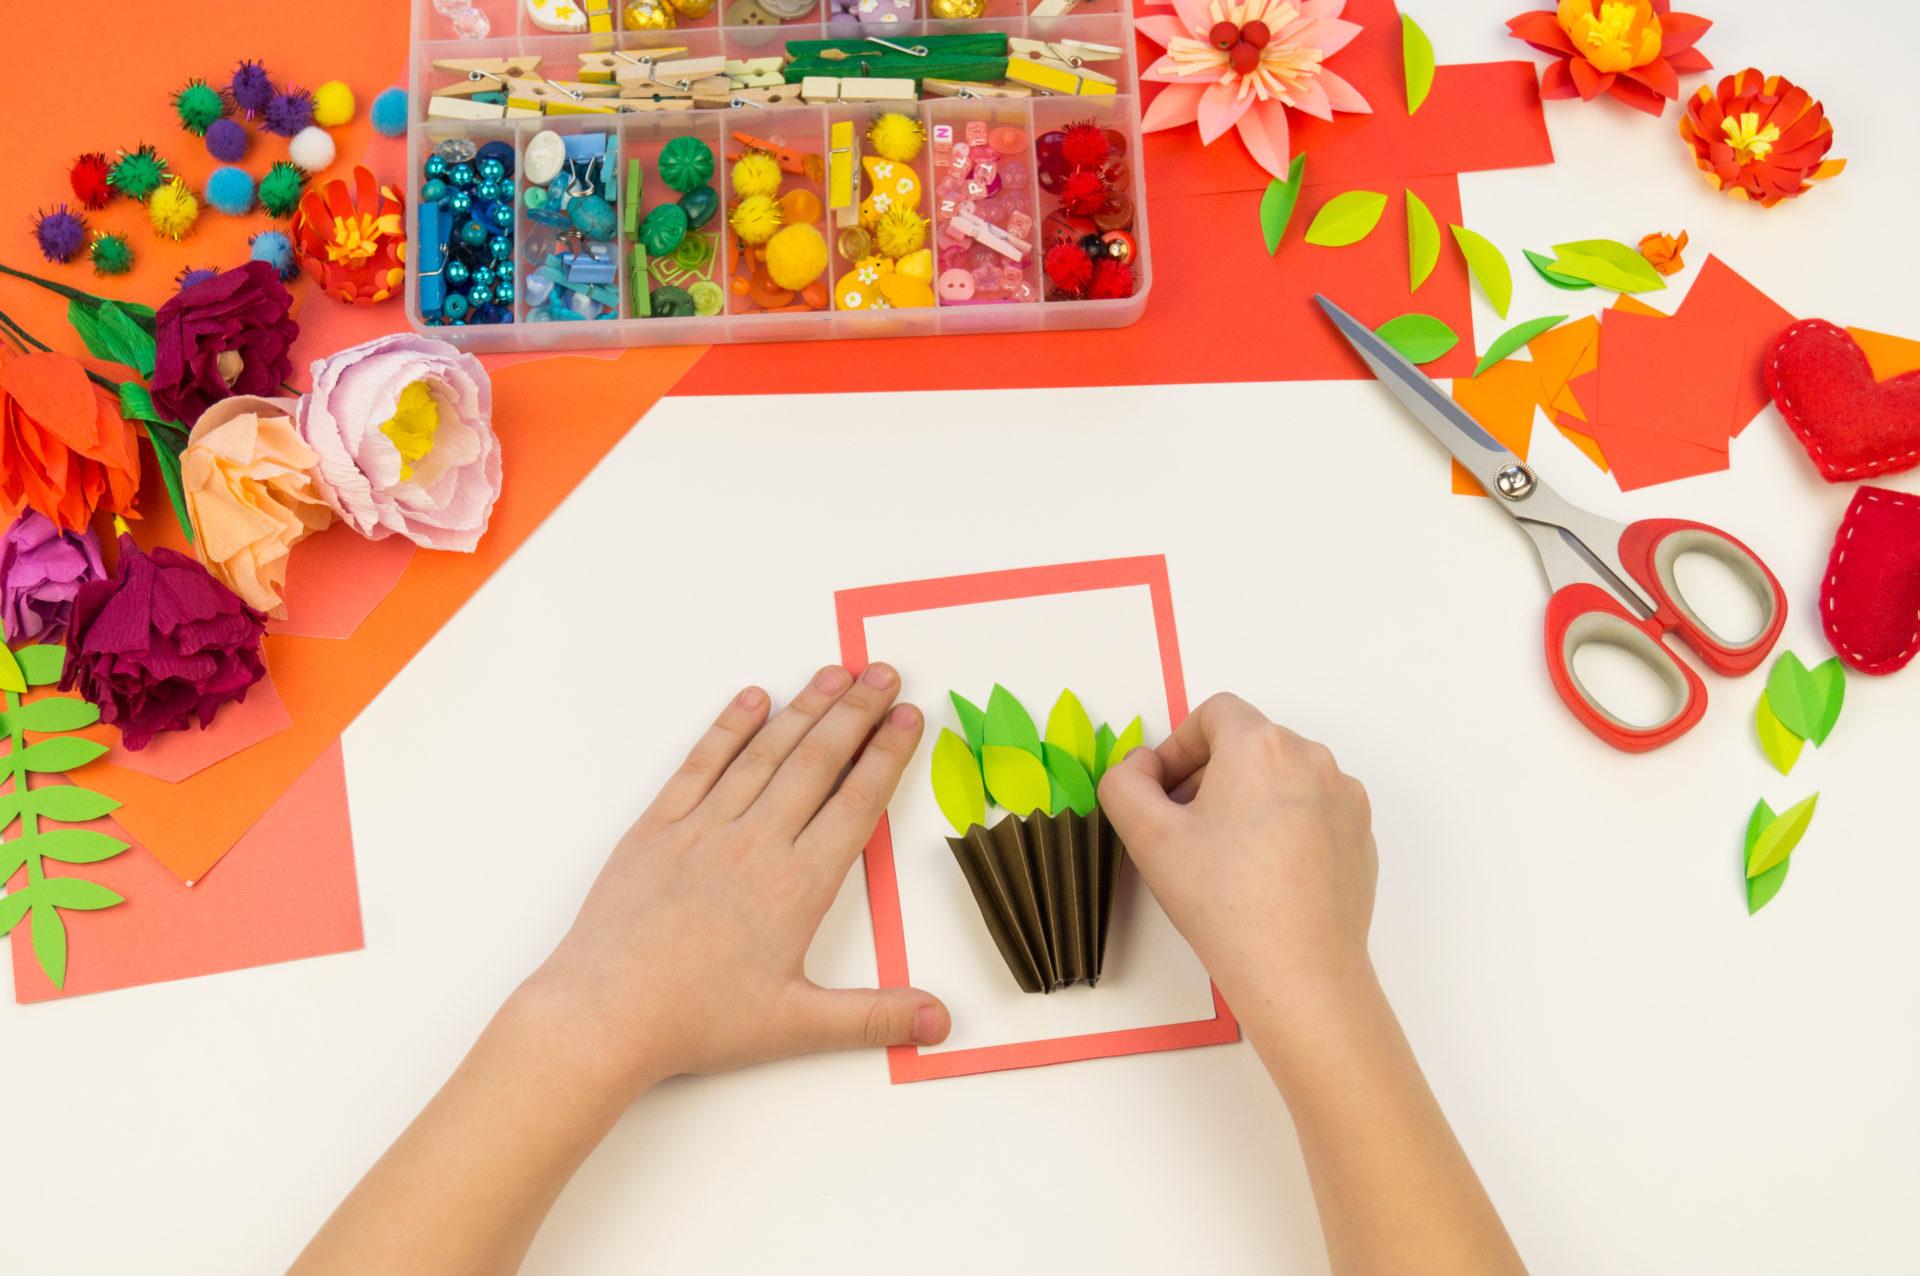 Activités Pour Enfant Pour Le Printemps ; Loisirs Creatifs tout Activité Manuel Pour Enfant